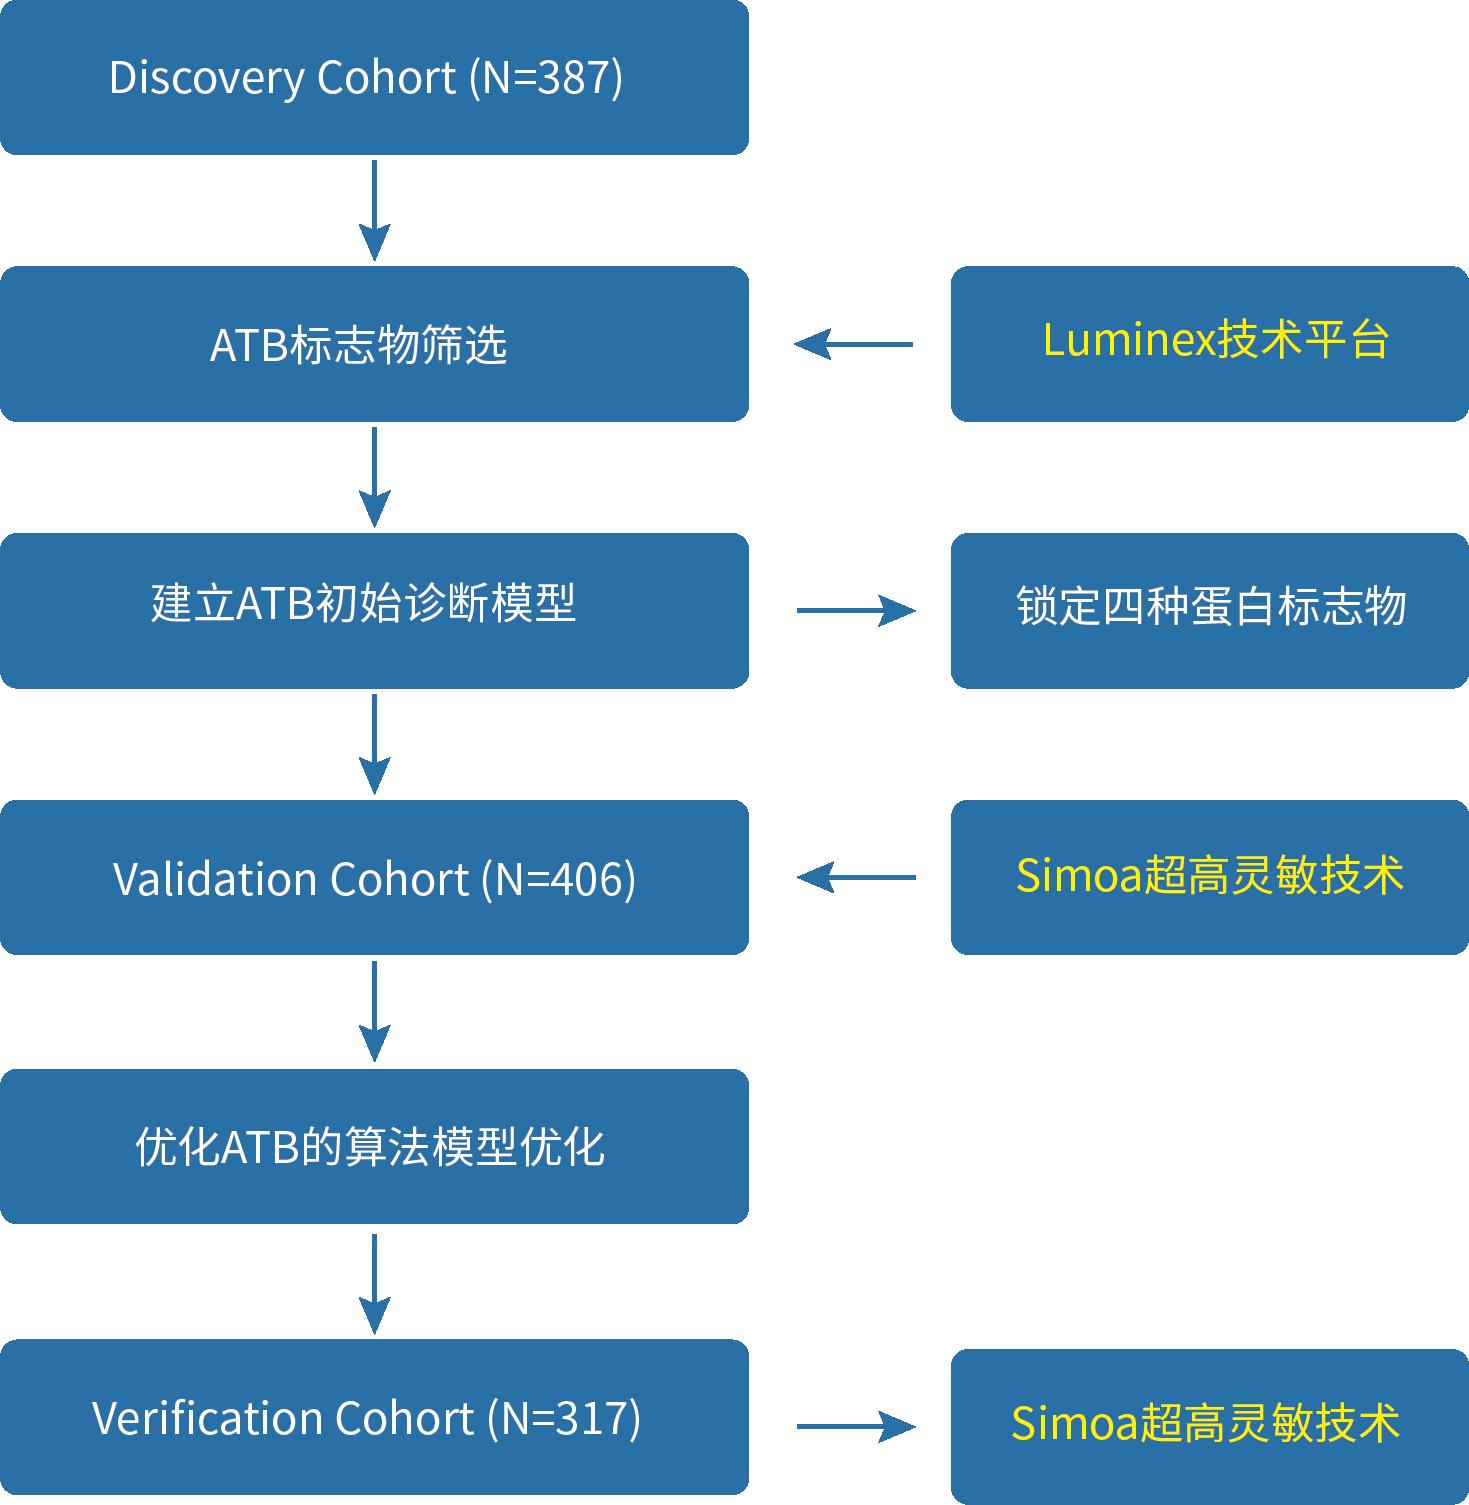 郭琦-流程图1.png